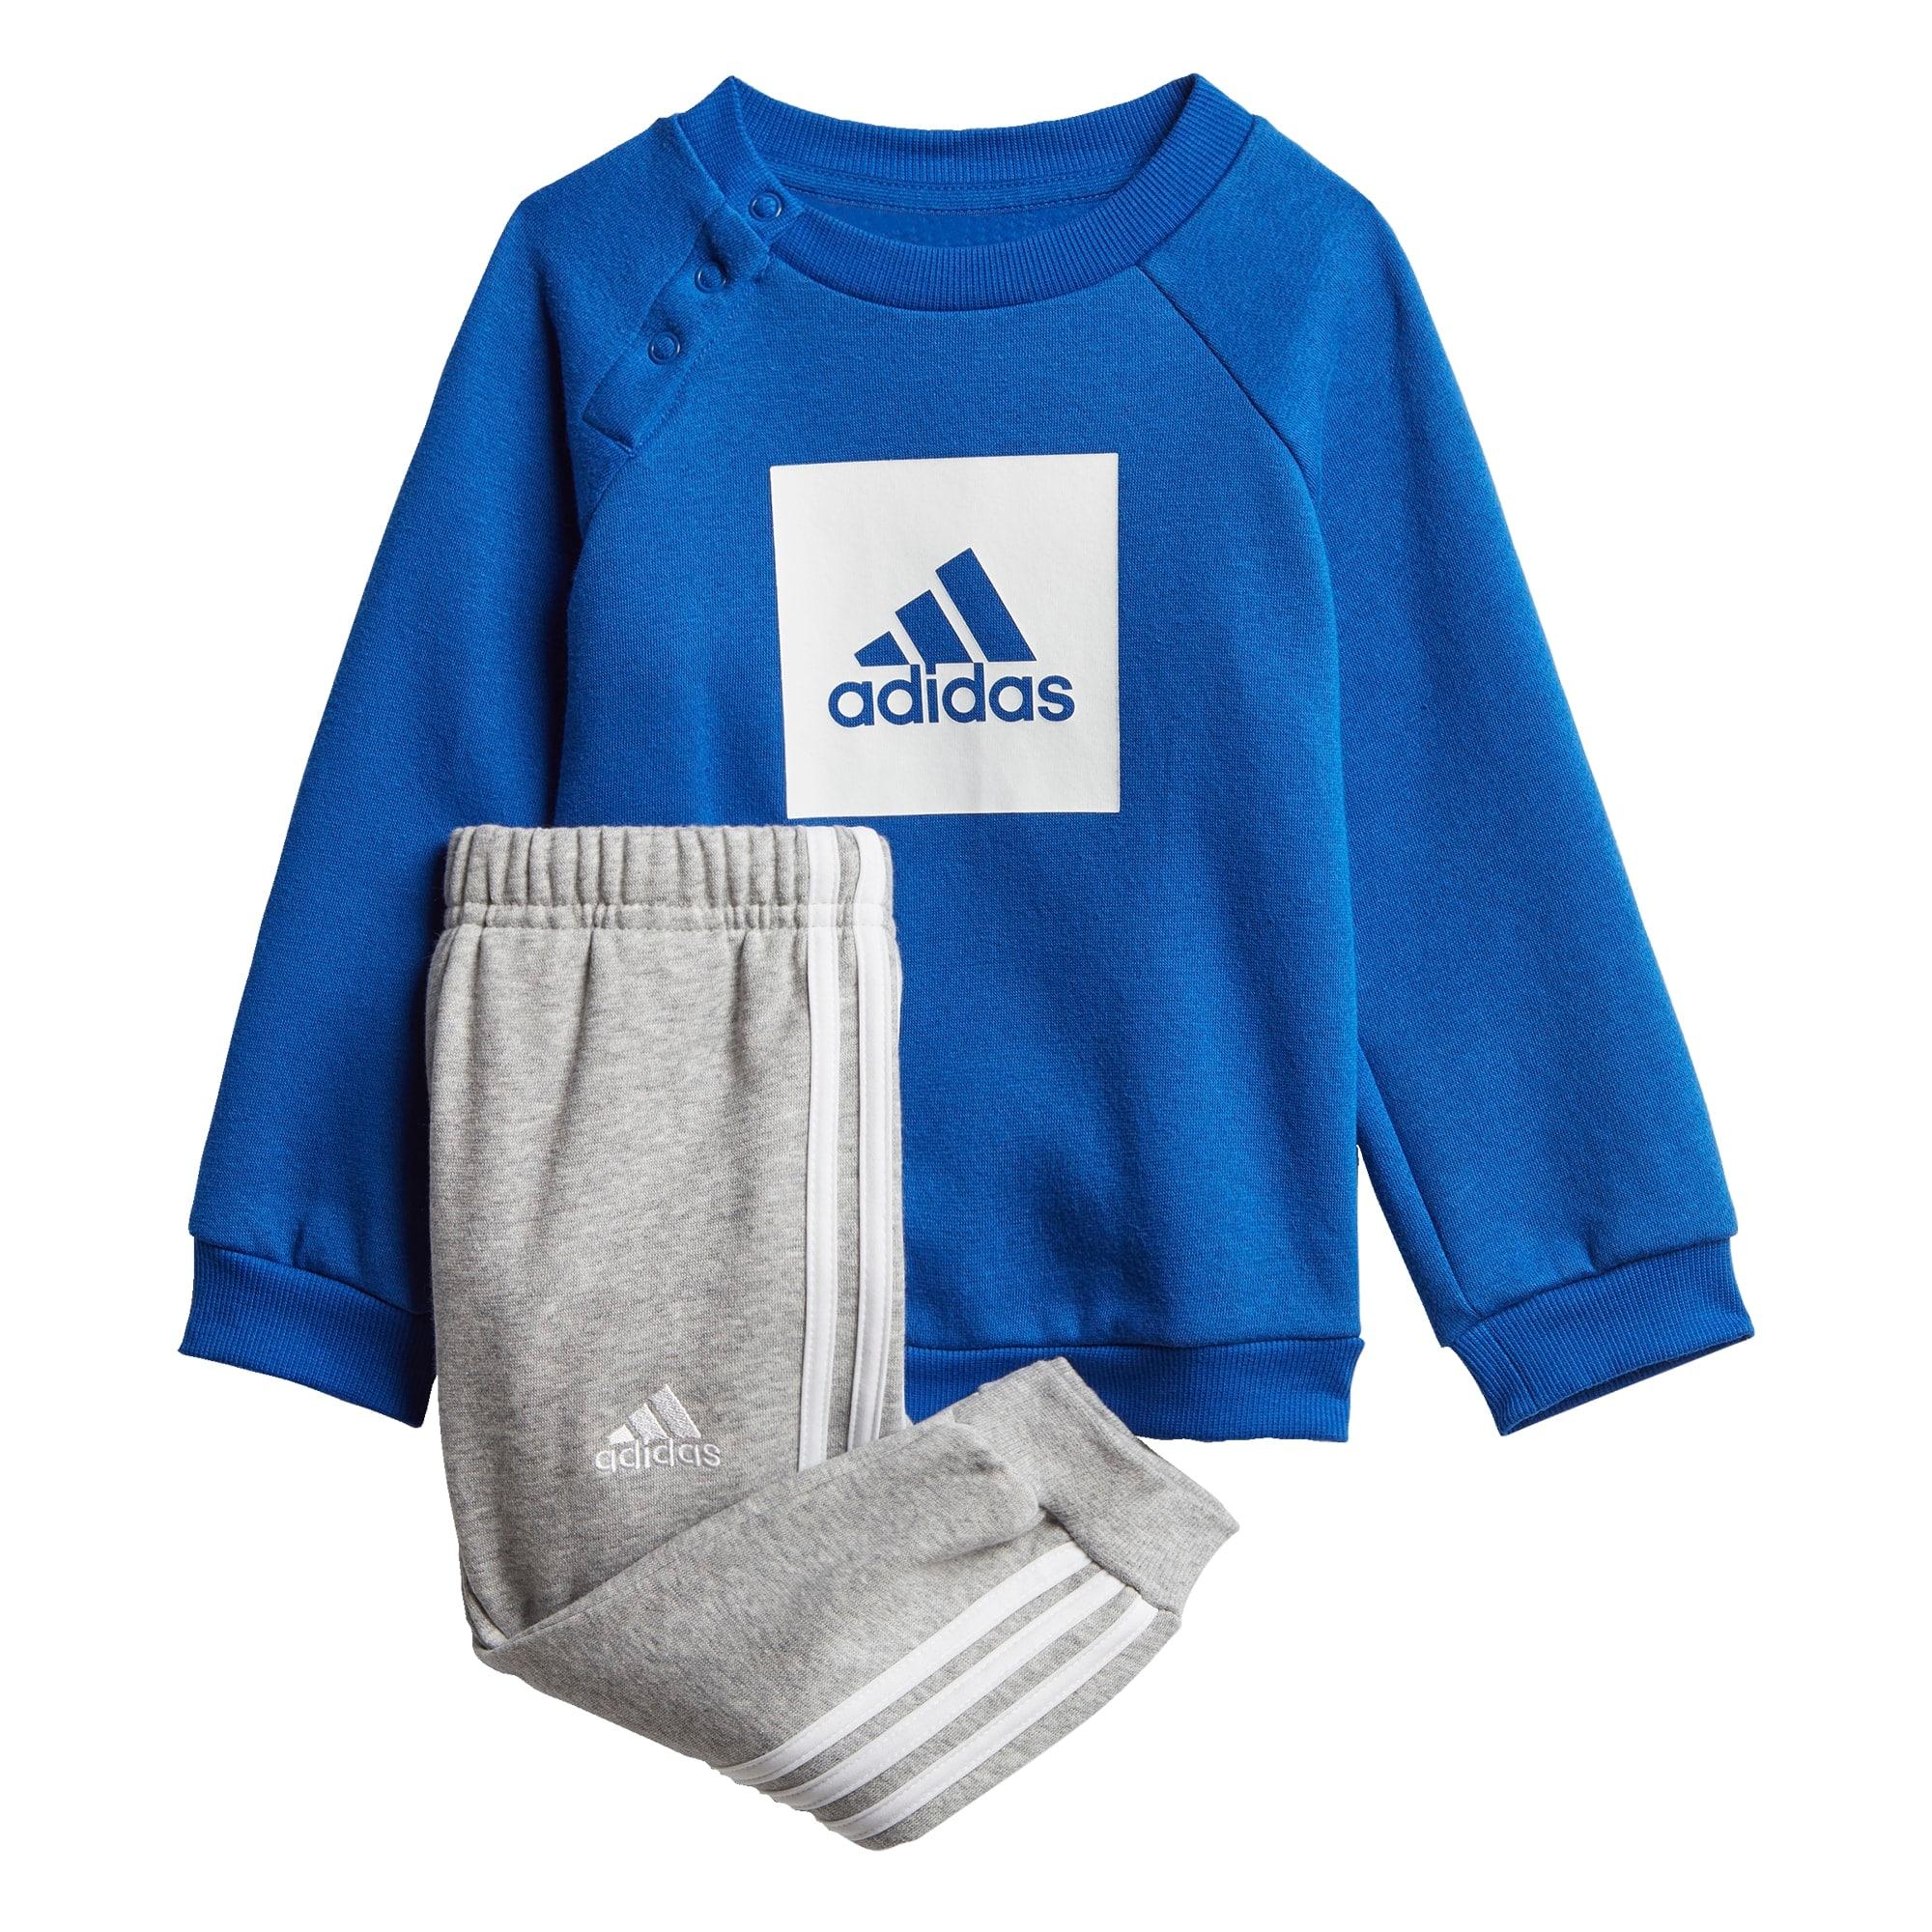 ADIDAS PERFORMANCE Treniruočių kostiumas balta / mėlyna / margai pilka